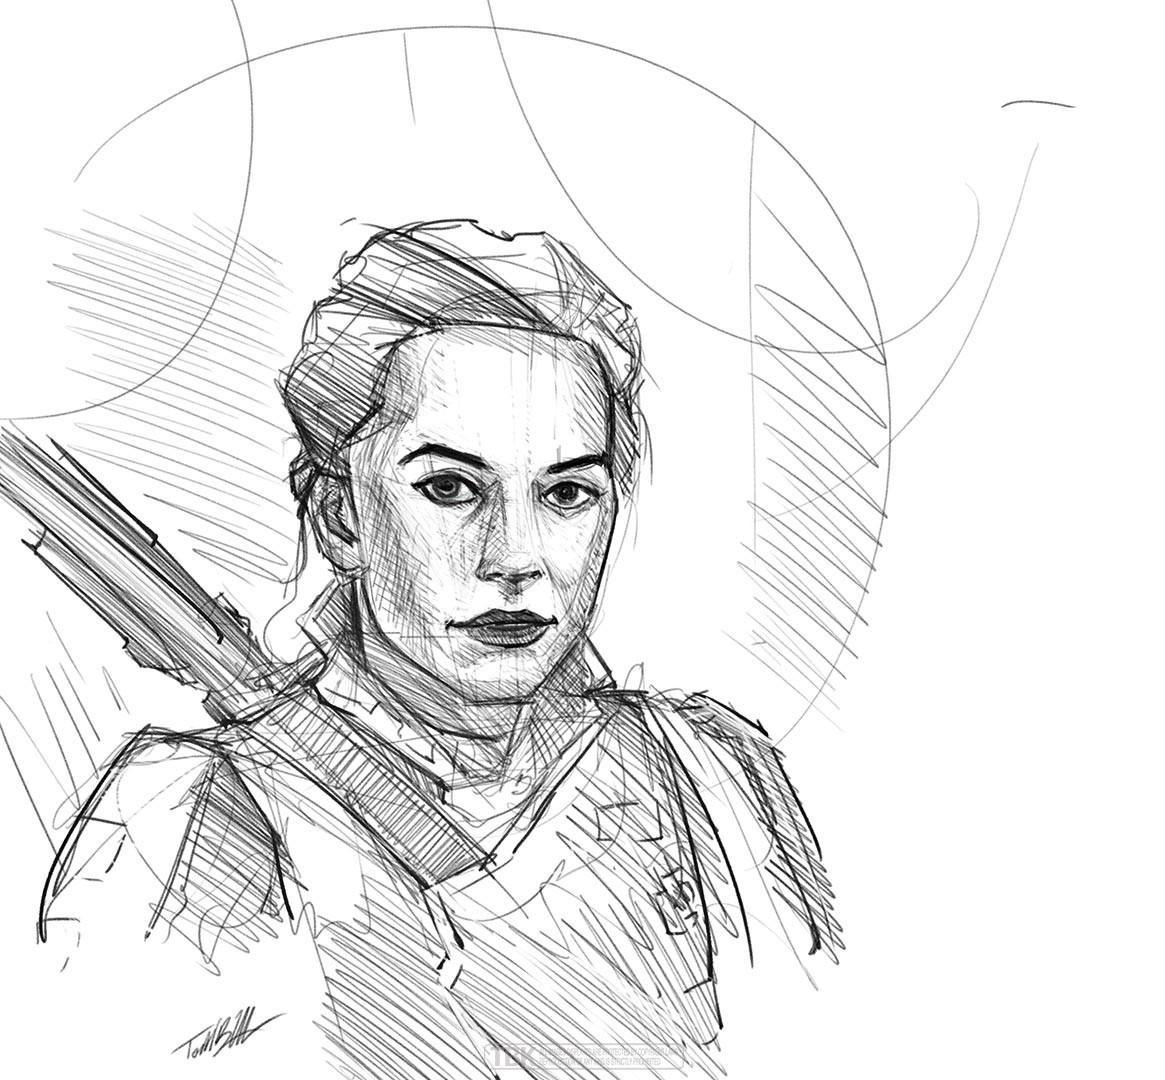 Rey — pencil sketch